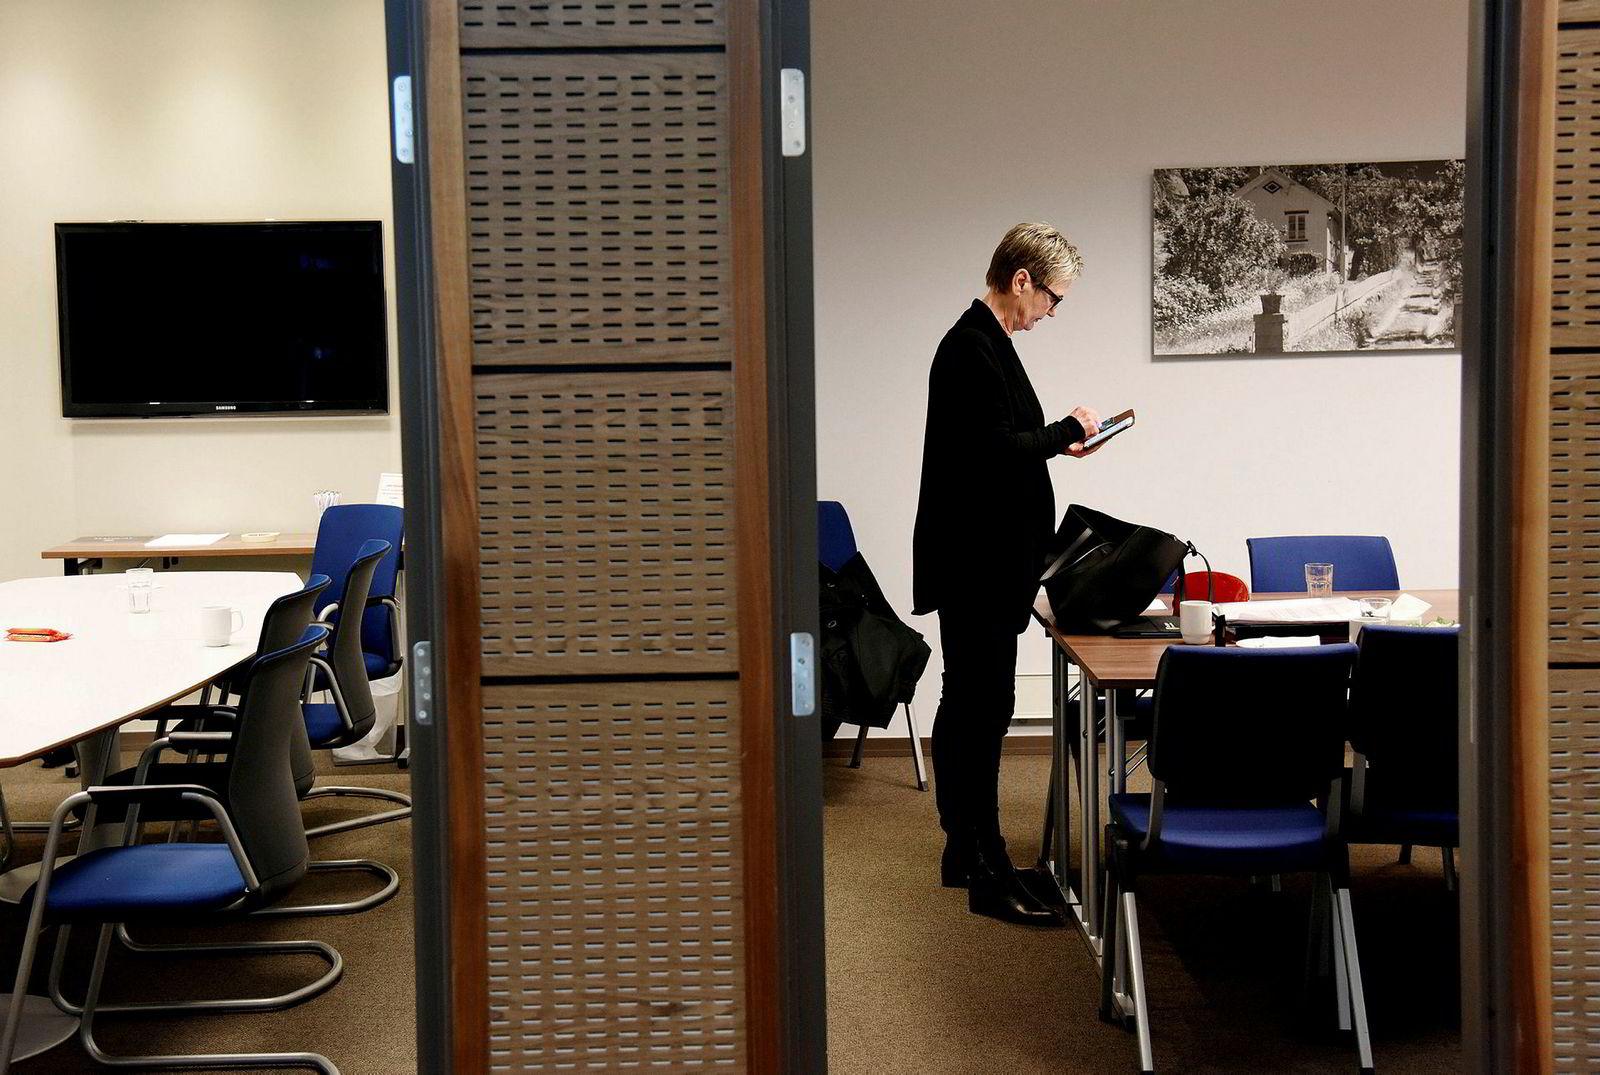 Fylkesleder Randi Øverland i Arbeiderpartiet i Vest-Agder mener investoren Nicolai Tangen må betale langt mer til den nye kunstsiloen i Kristiansand, men fikk ikke flertall for dette i fylkestingsmøtet tirsdag.